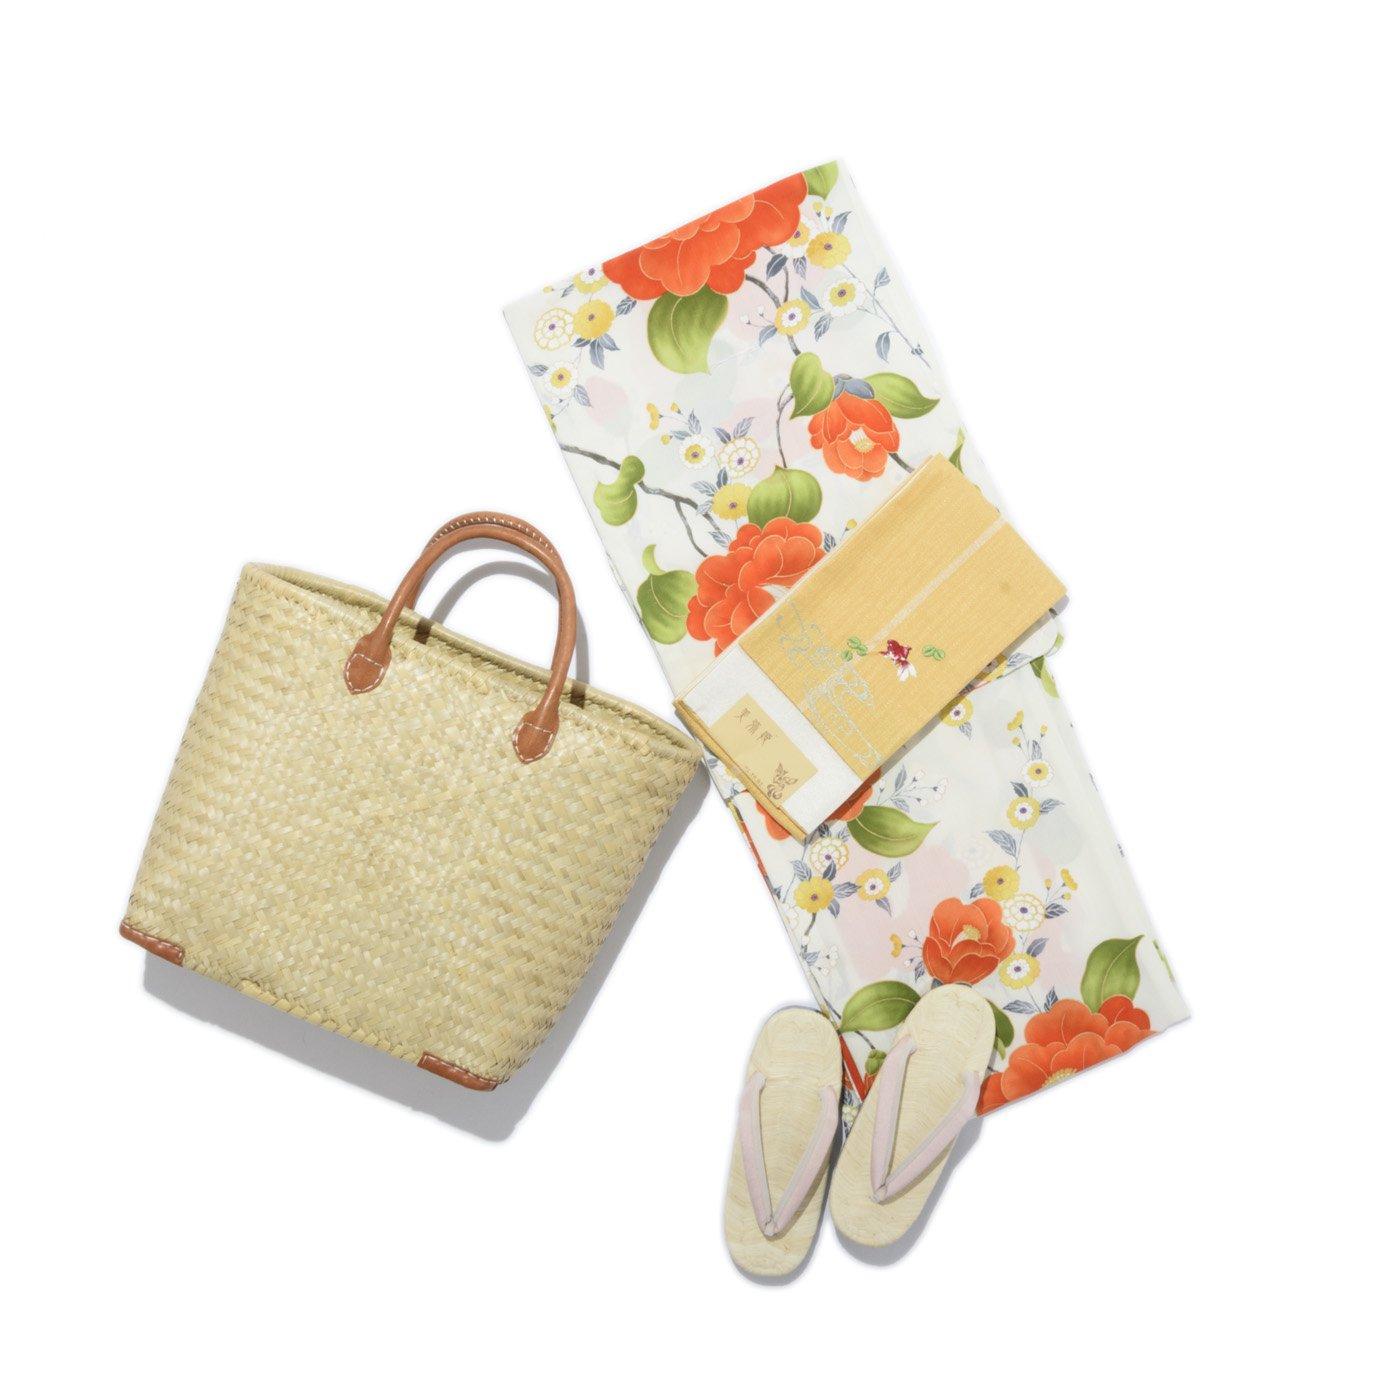 「きもの道楽 セオα 菊と椿」の商品画像